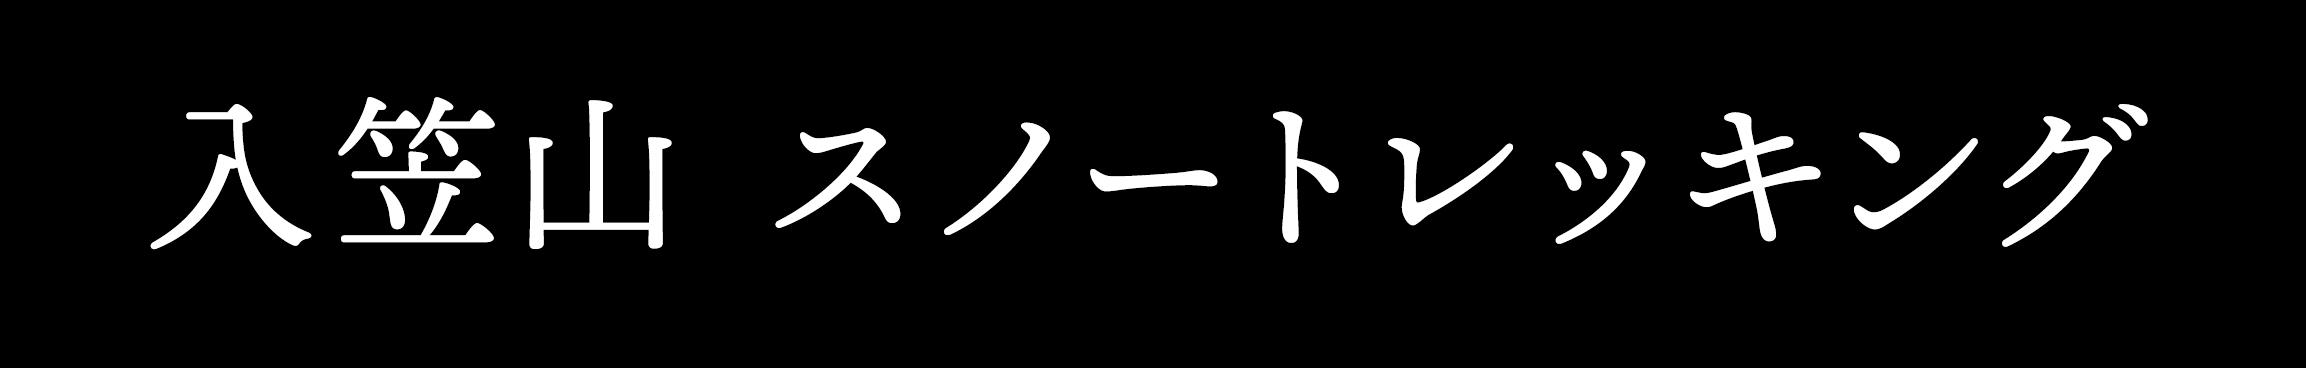 入笠山 スノートレッキング